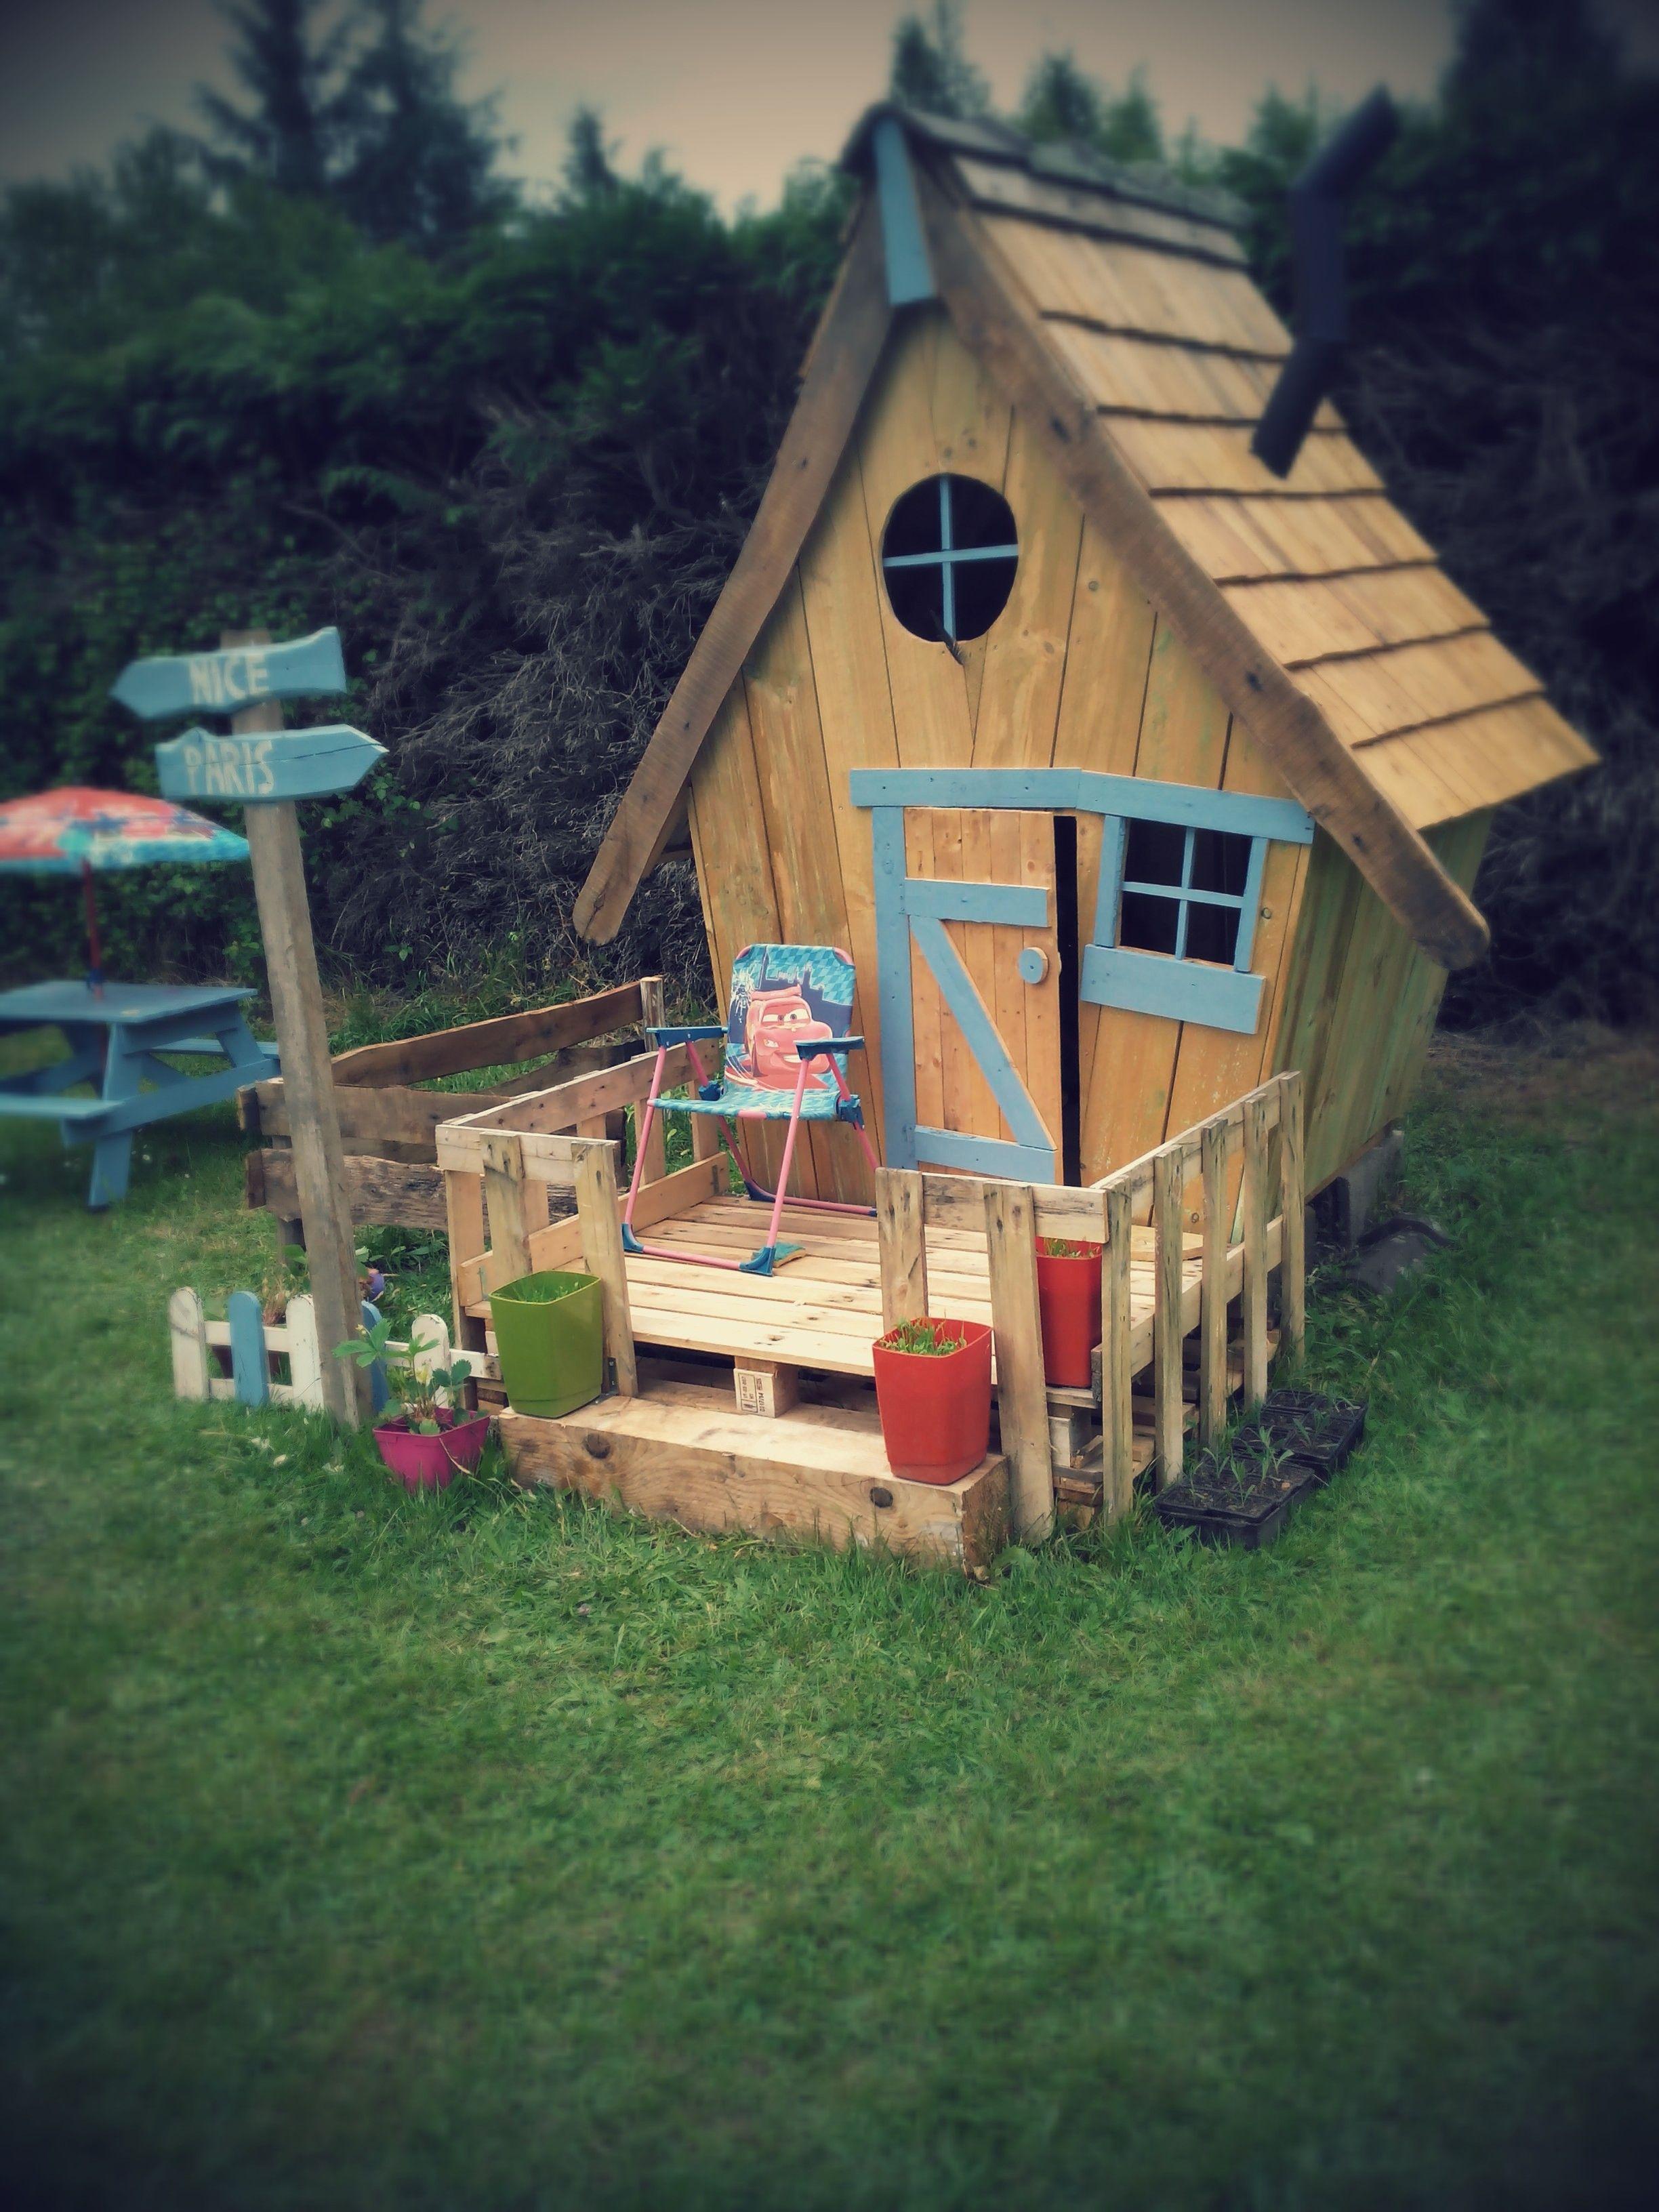 Fehler Kinderspielhaus Kinder Garten Spielhaus Garten